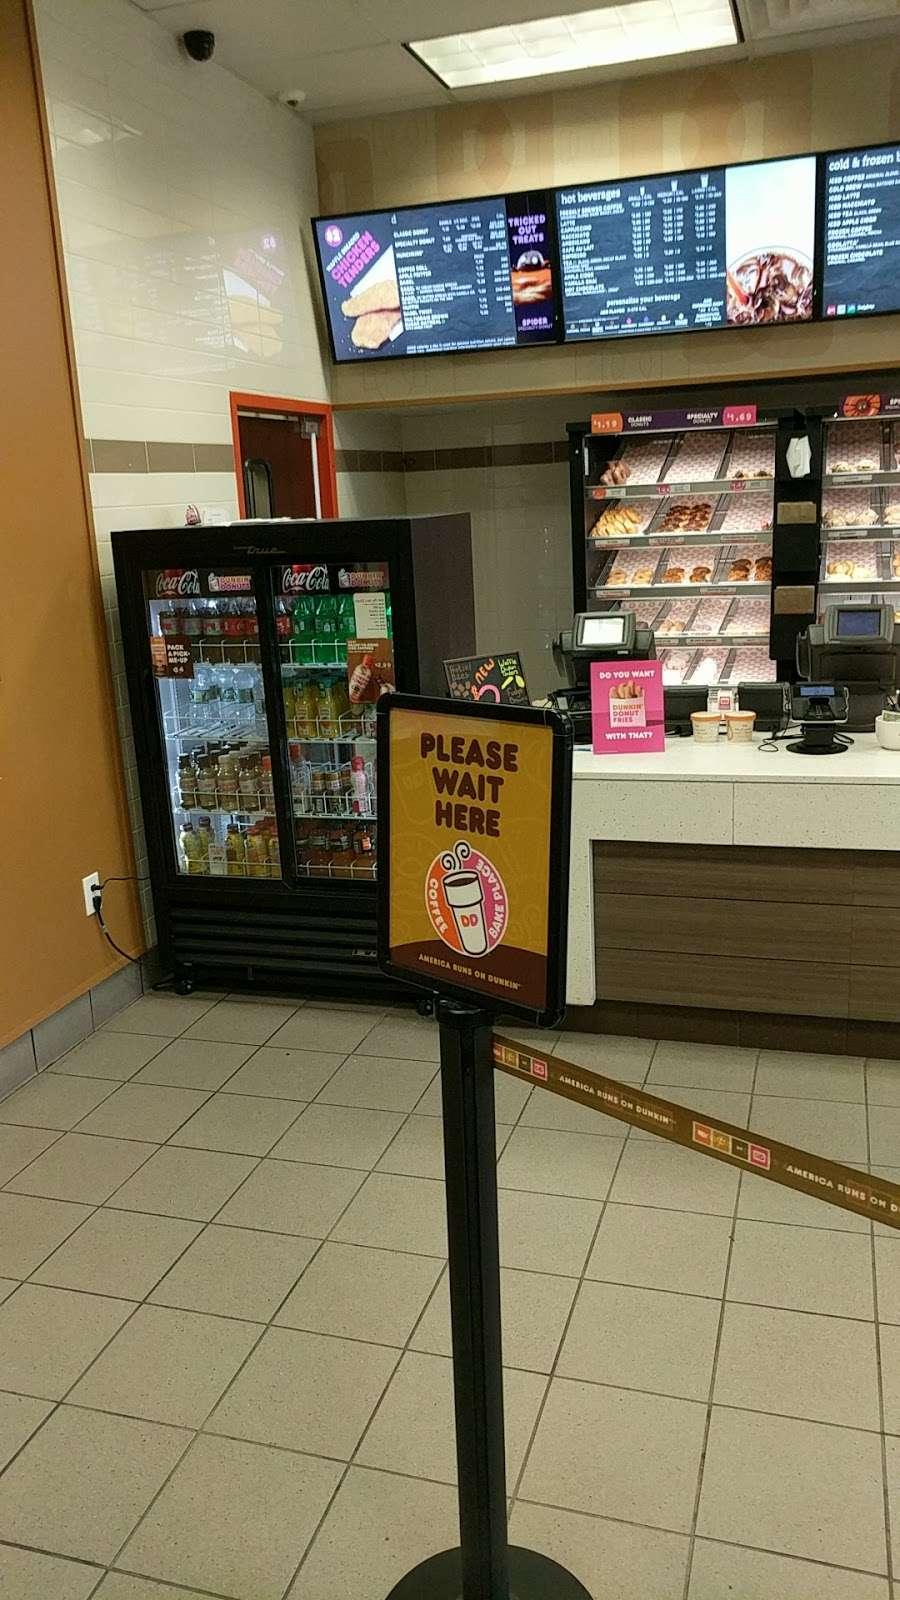 Dunkin Donuts - cafe  | Photo 7 of 10 | Address: 1039 US-46, Ledgewood, NJ 07852, USA | Phone: (973) 927-1044